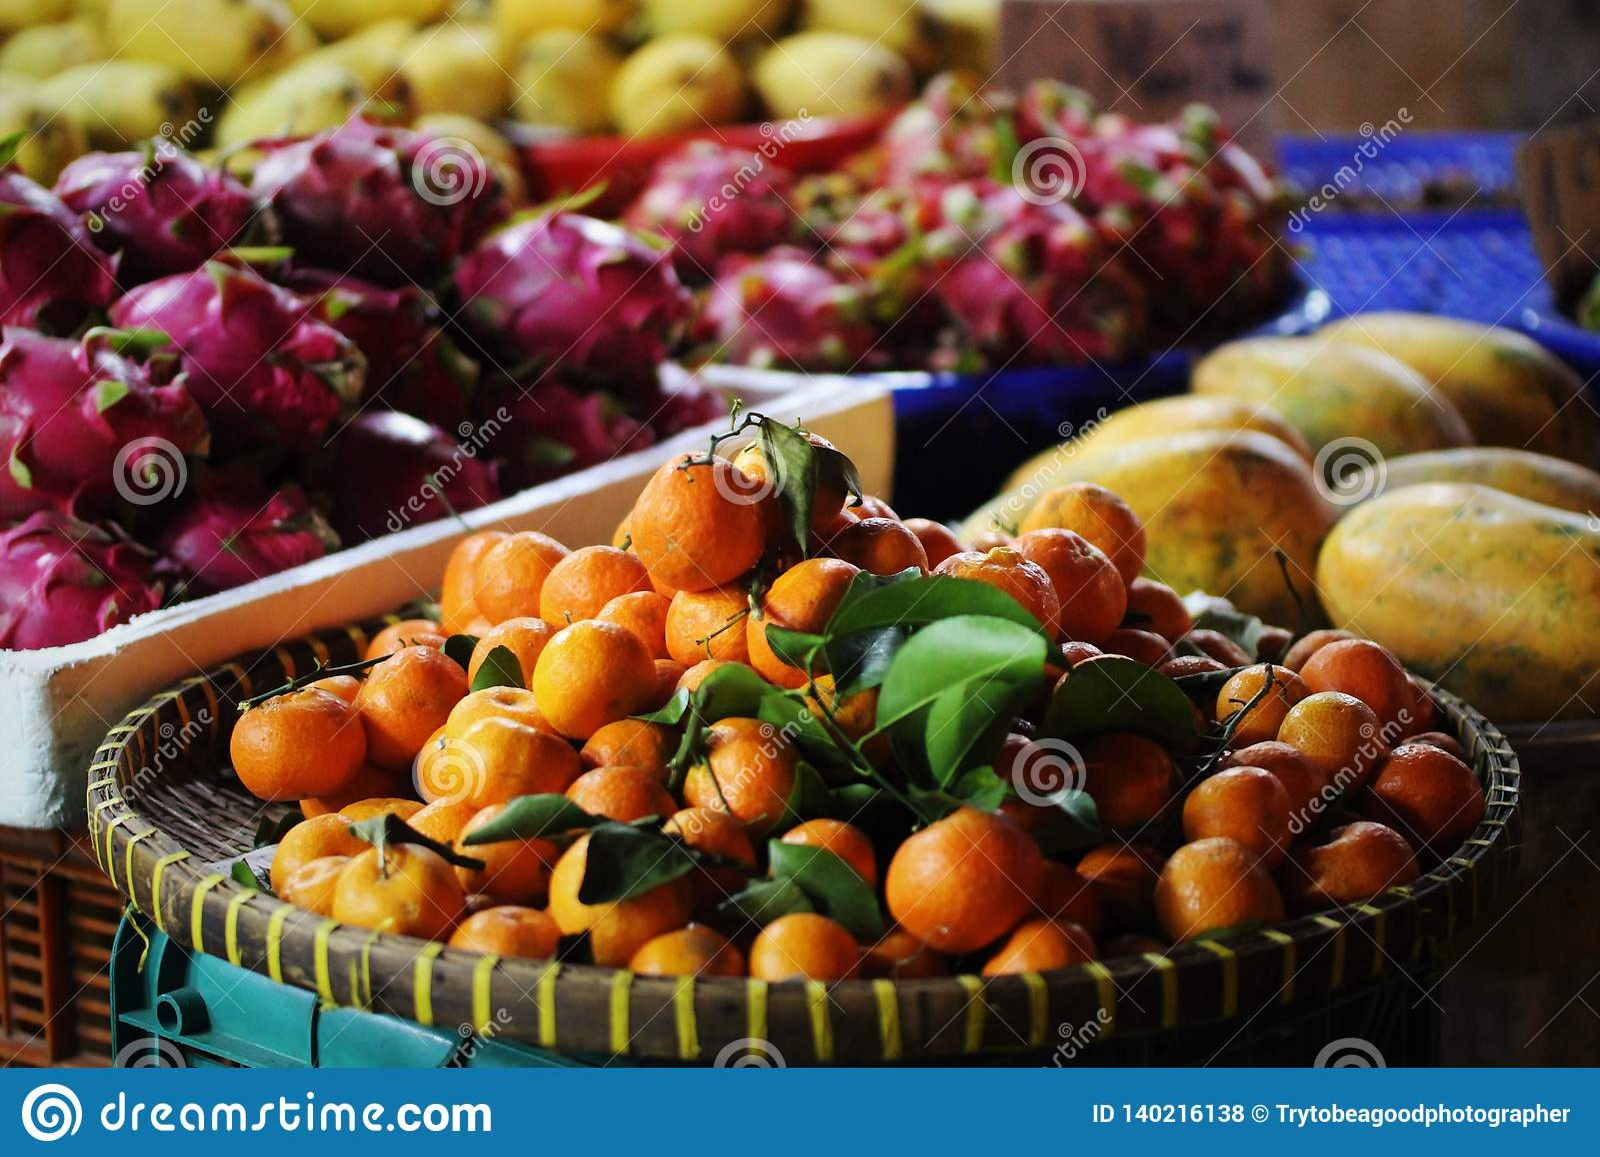 Frutta esotica del drago del mercato di frutta, mandarino, papaia